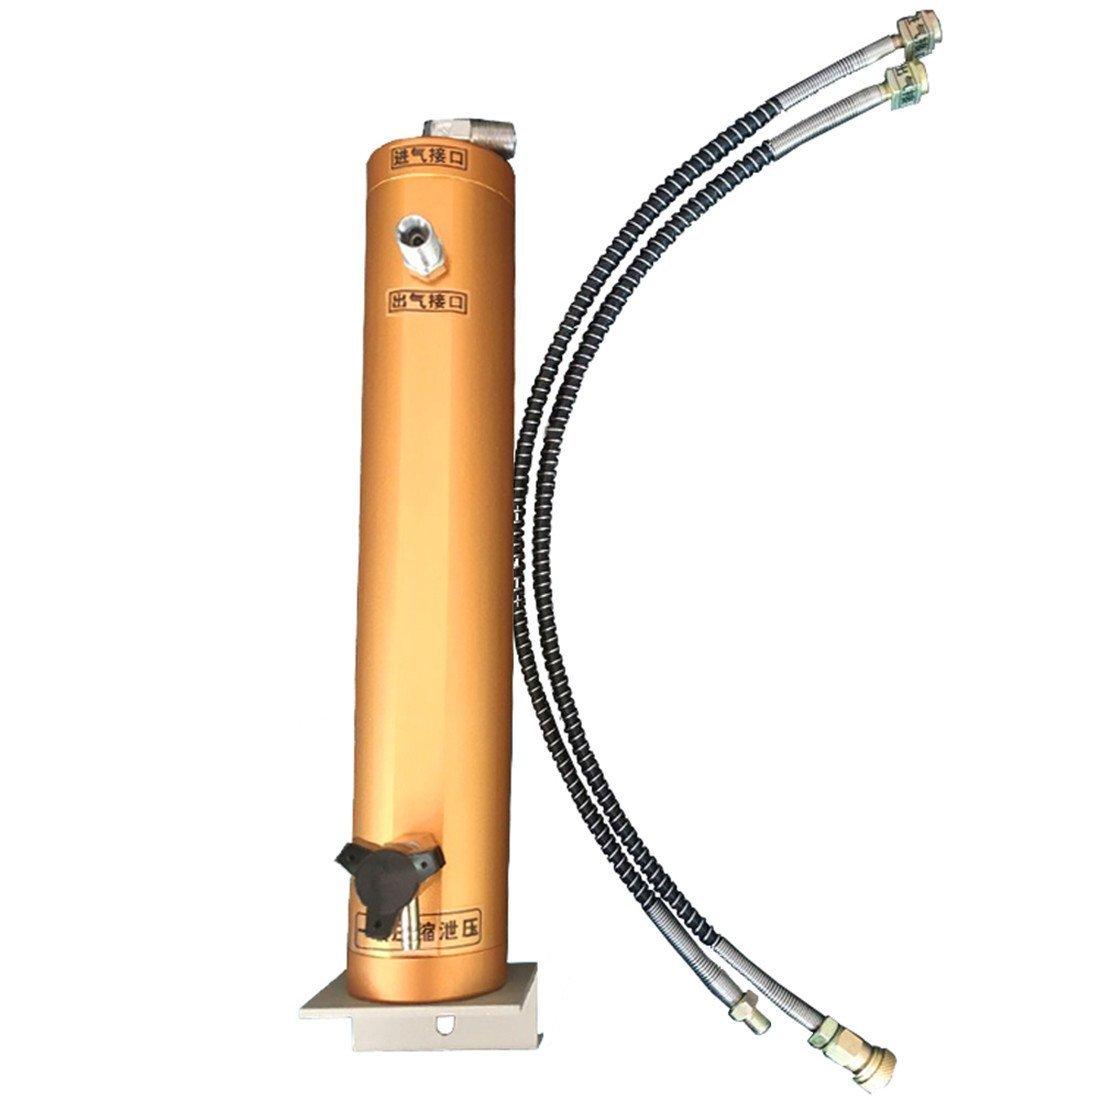 Filtro de aire de alta presión para separador de aceite de agua para compresor de aire, bomba de aire, buceo: Amazon.es: Bricolaje y herramientas